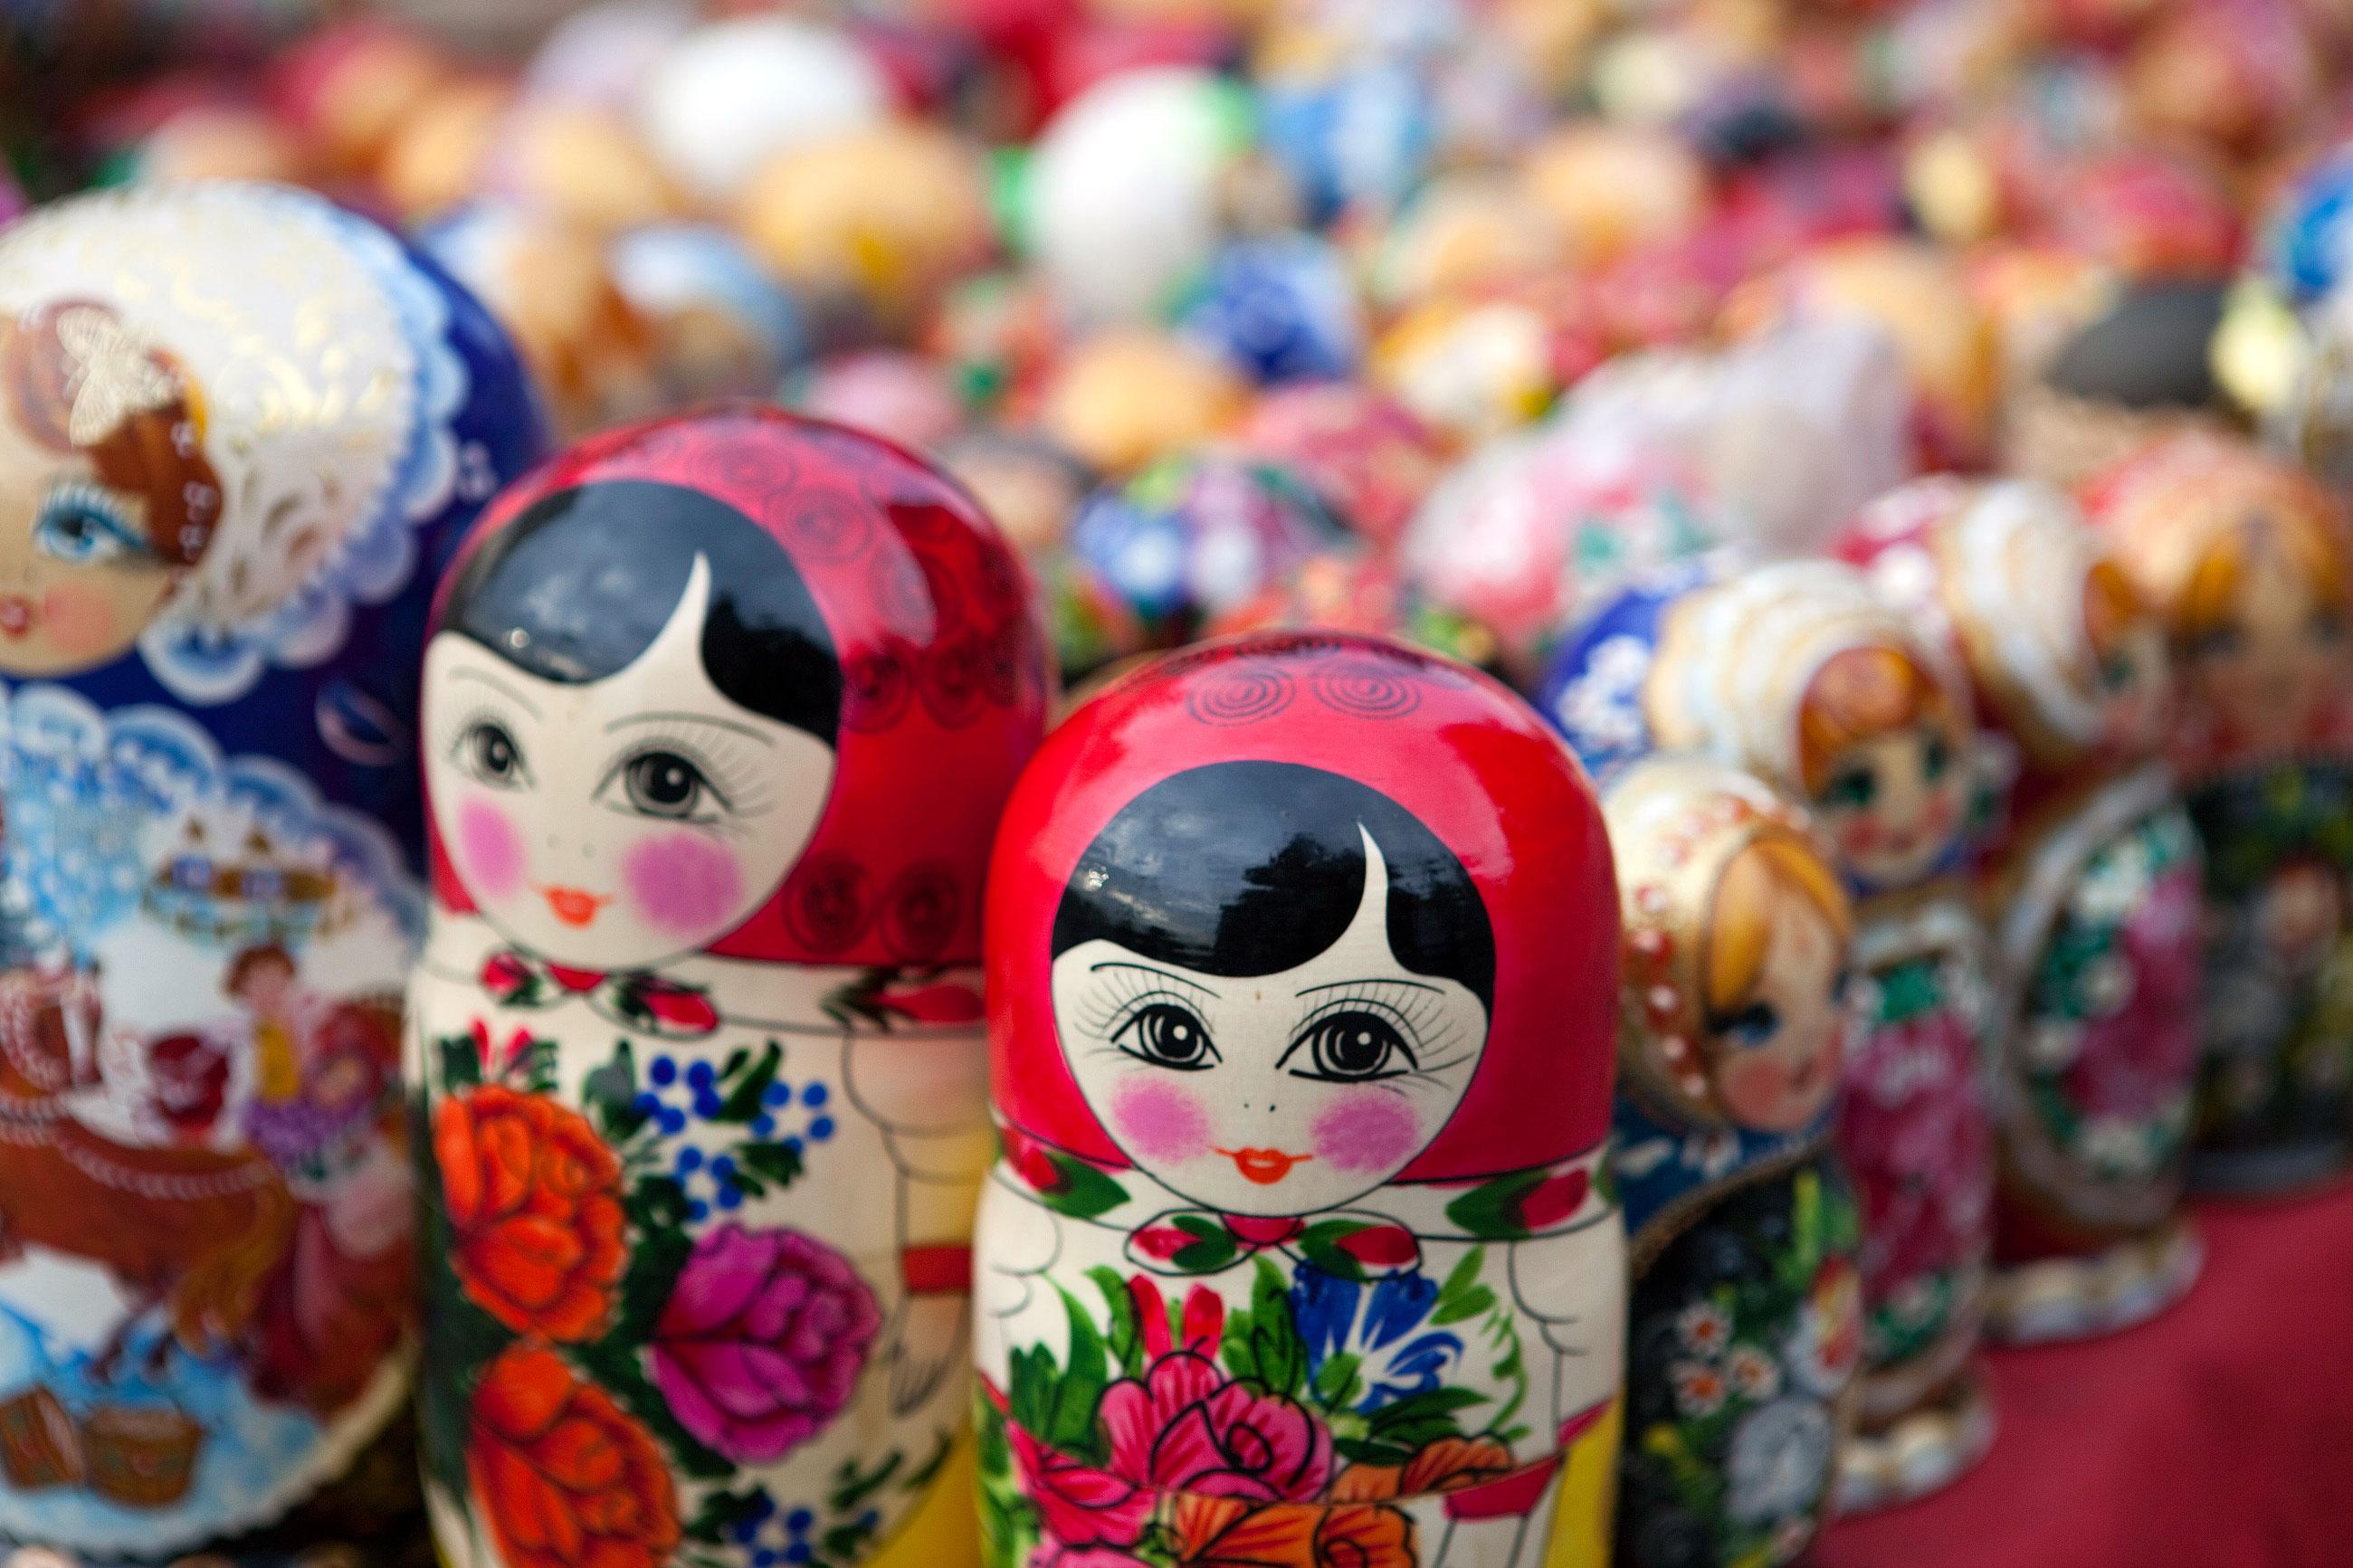 От средата на 30-те години започва епохата на фабричното производство на матрьошката, благодарение на което тя придобива статуса на водещ сувенир на страната.